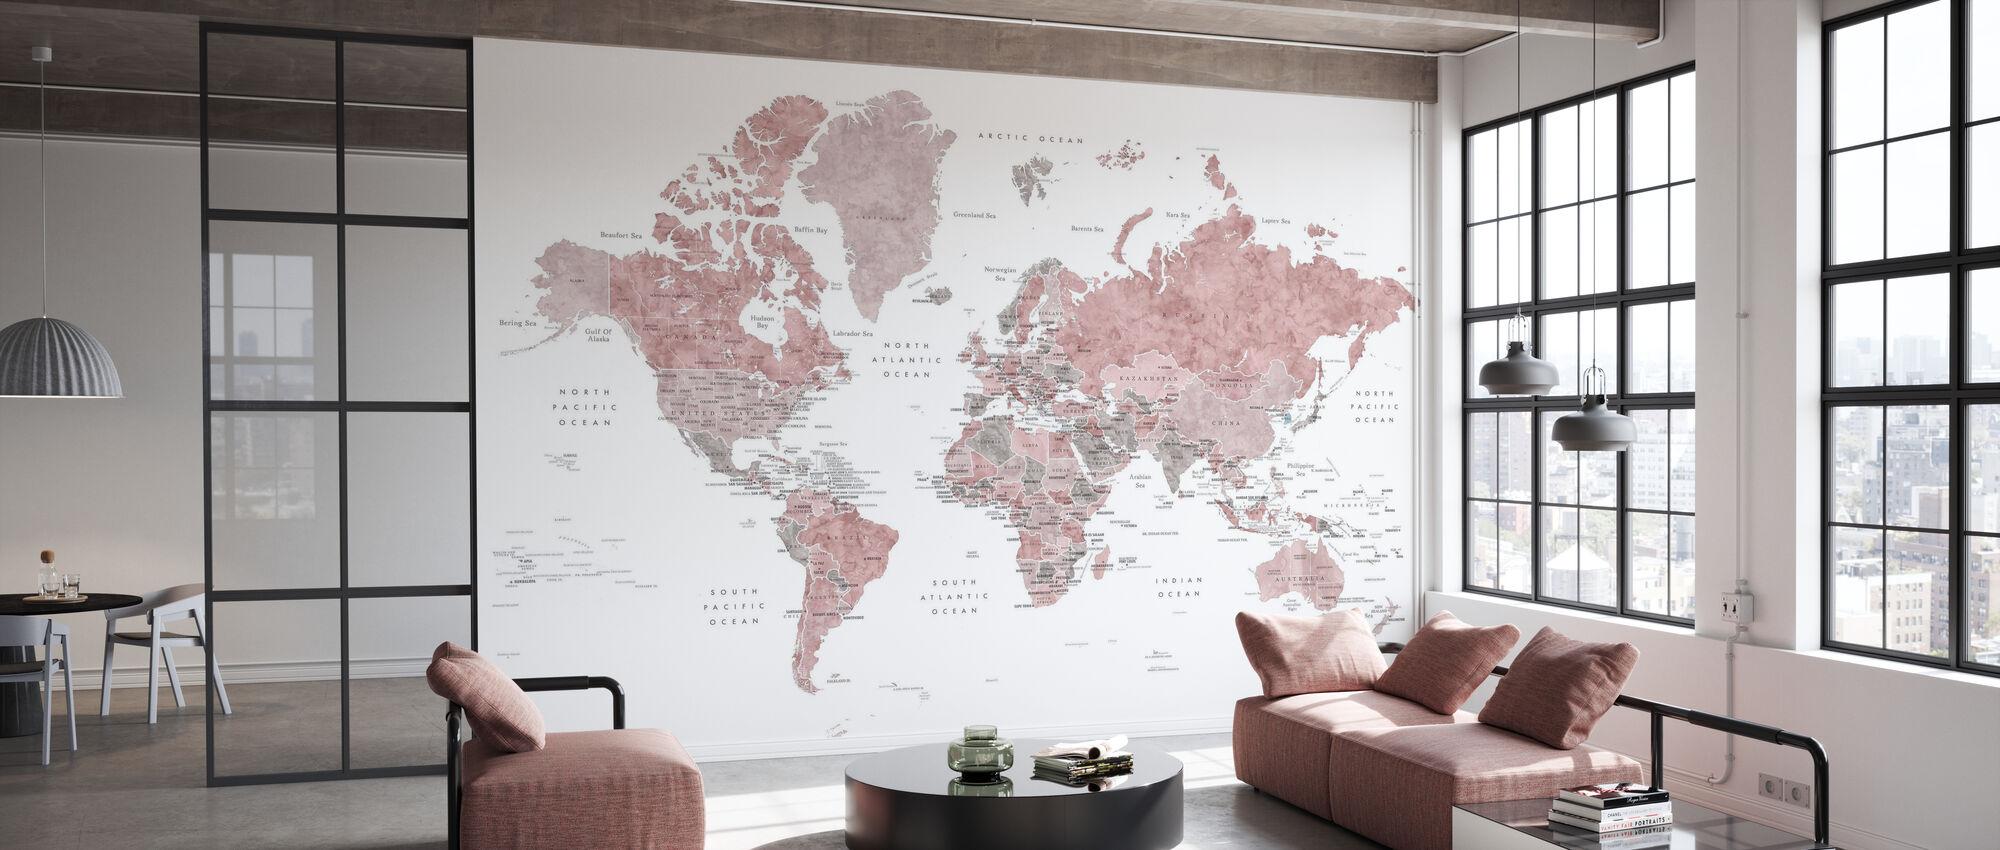 Weltkarte mit Hauptstädten - Tapete - Büro